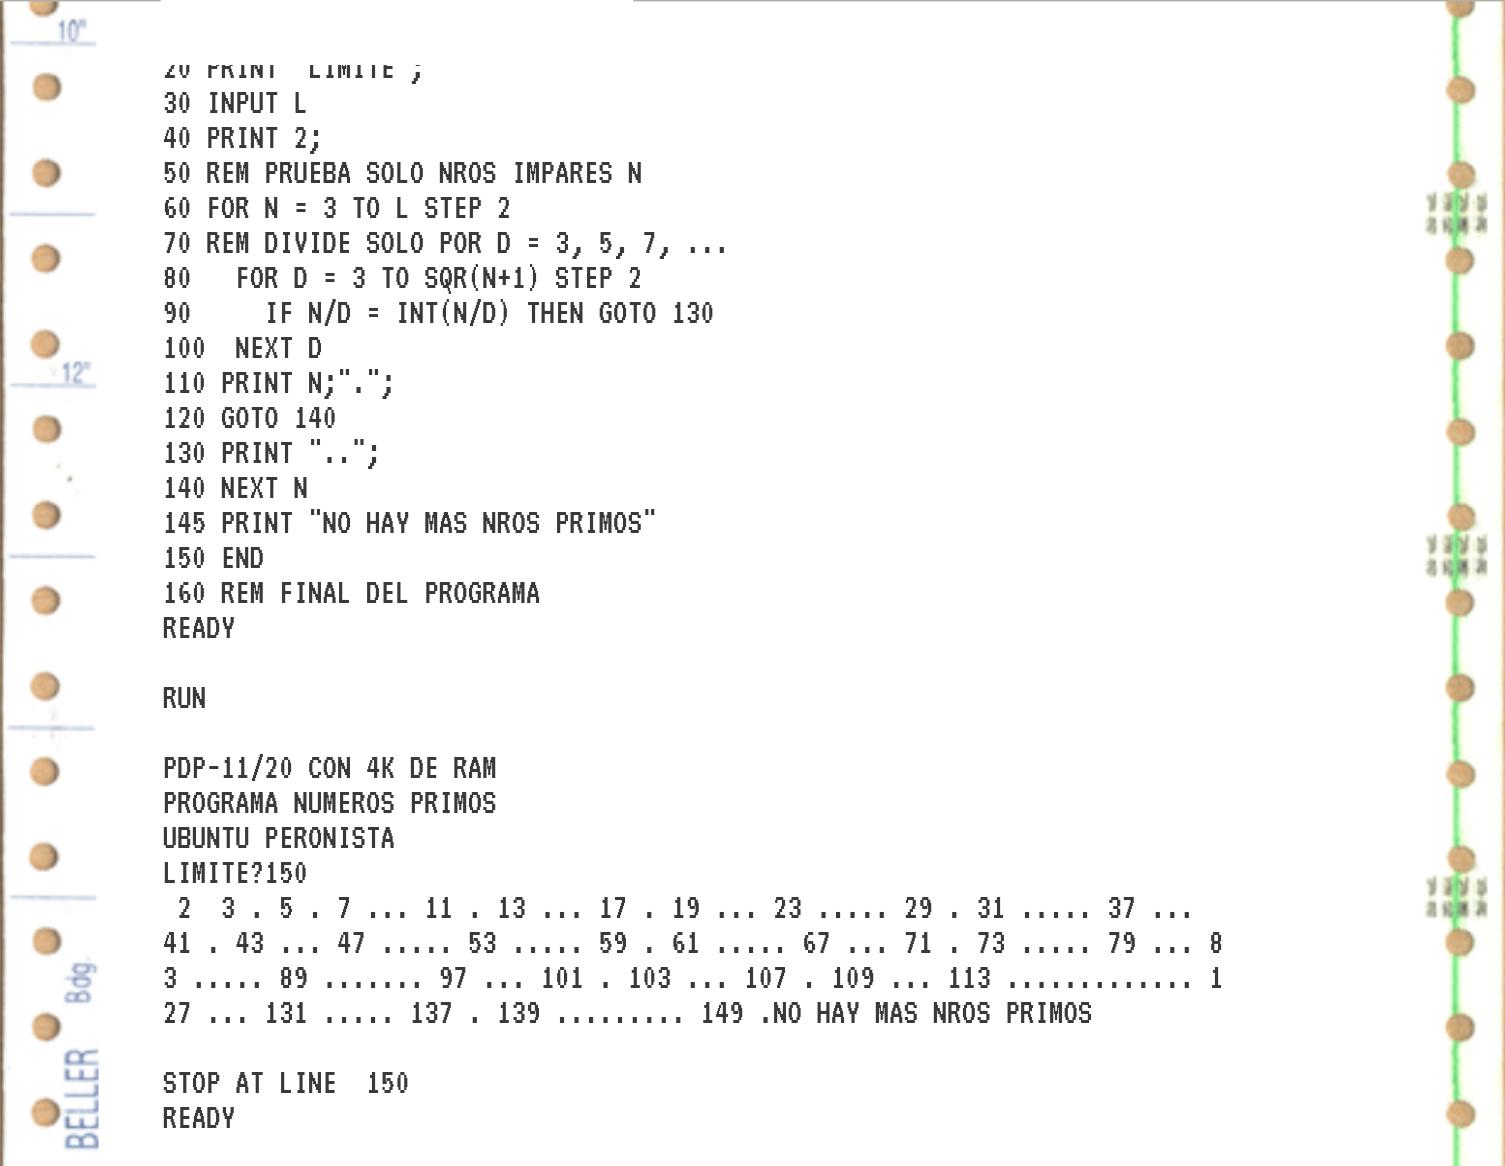 Ubuntu Peronista: ¿Cómo emulo el panel de una DEC PDP-8/I y